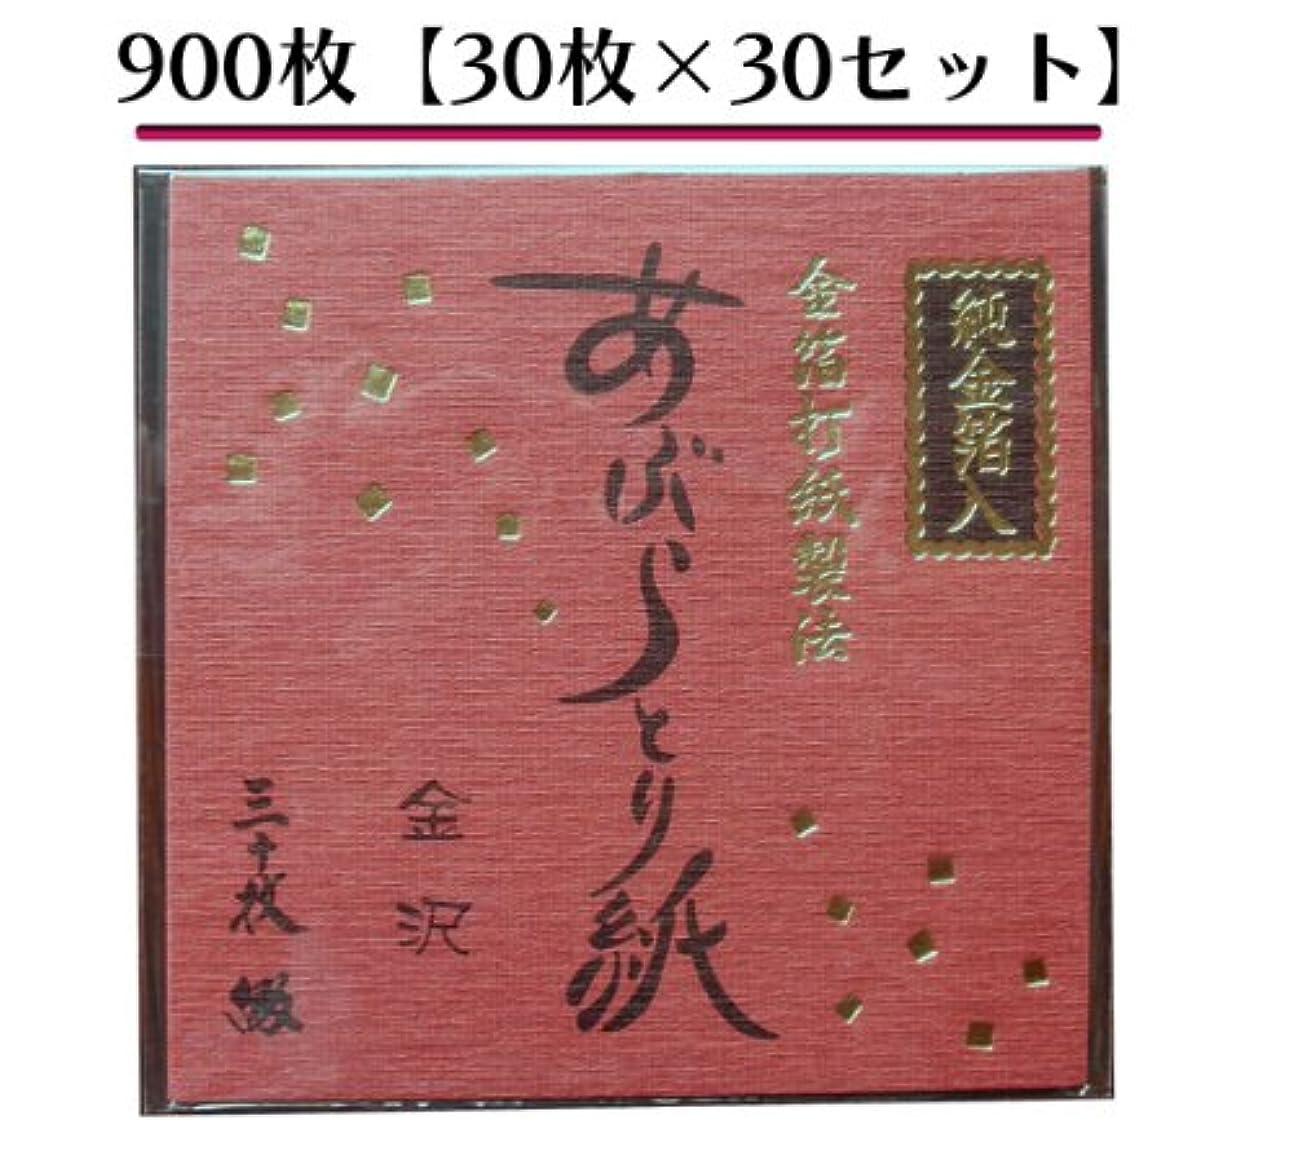 科学者不利益ゴージャス金箔打紙製法 あぶらとり紙 【純金箔入】 900枚入り (30枚x30セット)